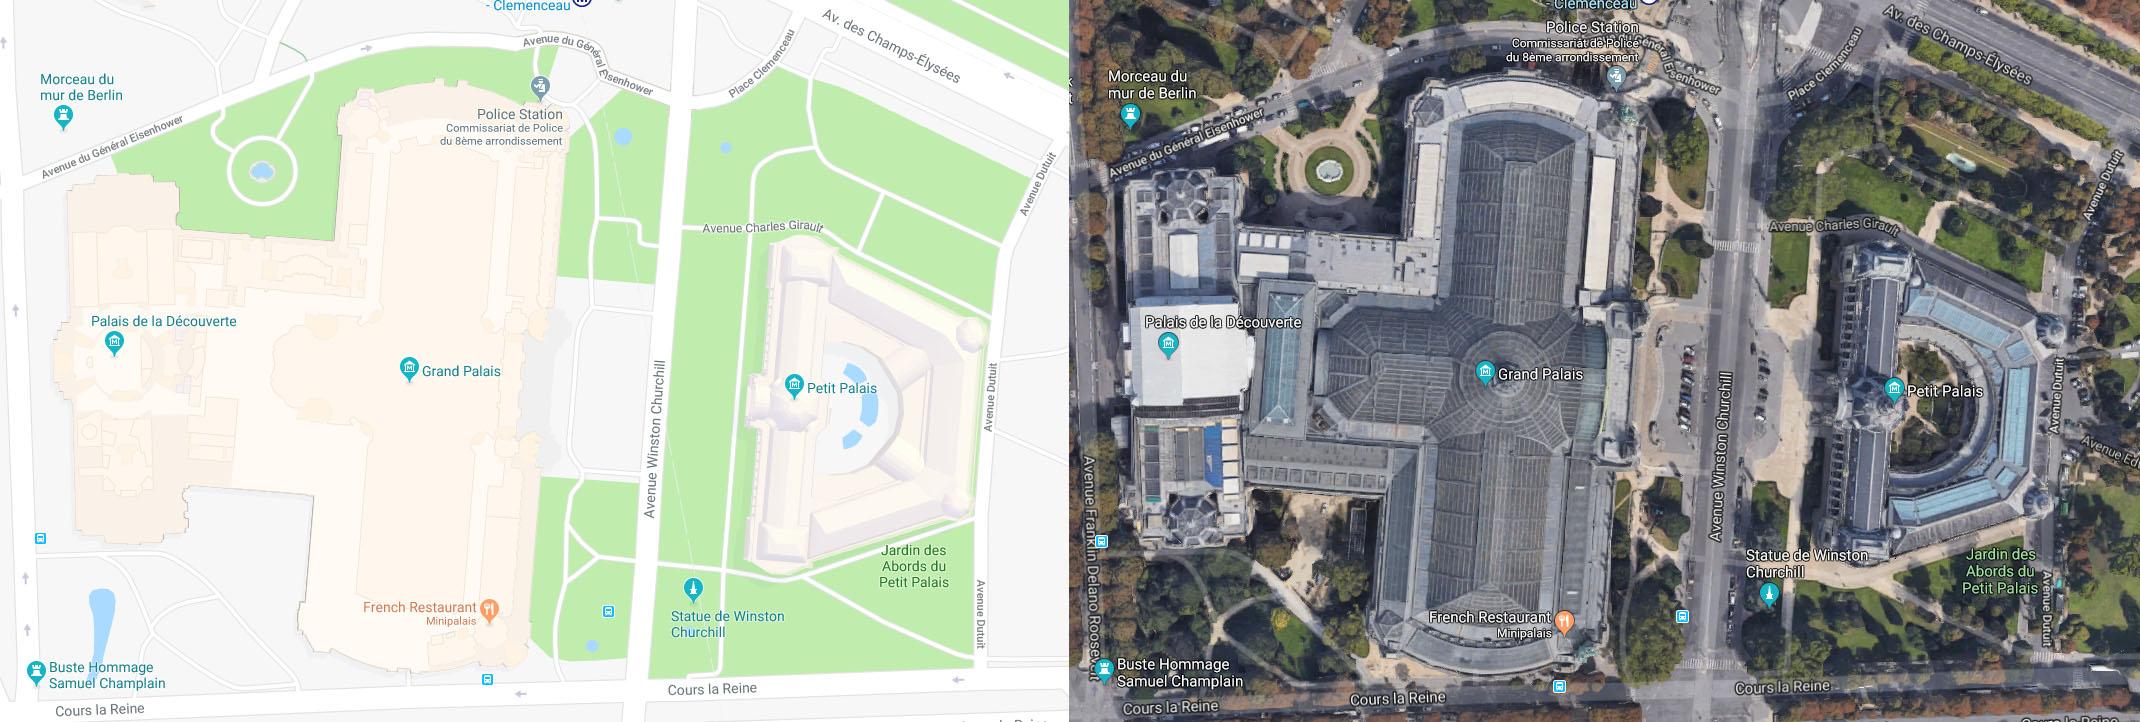 Paris - Grand Palais & Petit Palais